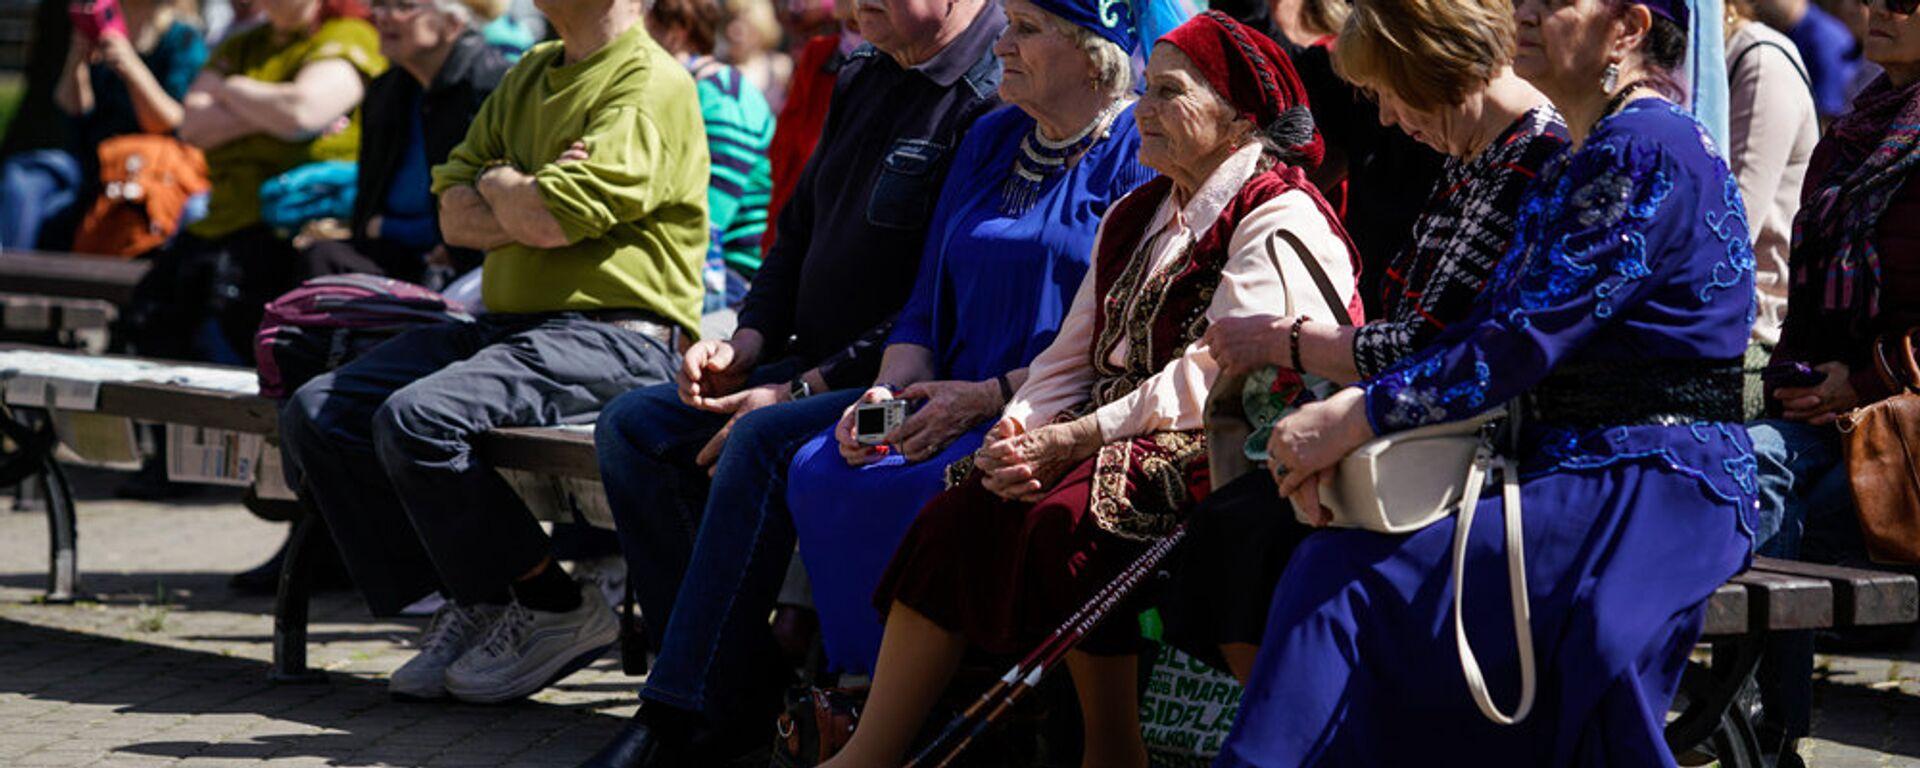 Зрители на празднике Сабантуй в Верманском парке в Риге - Sputnik Латвия, 1920, 22.07.2021